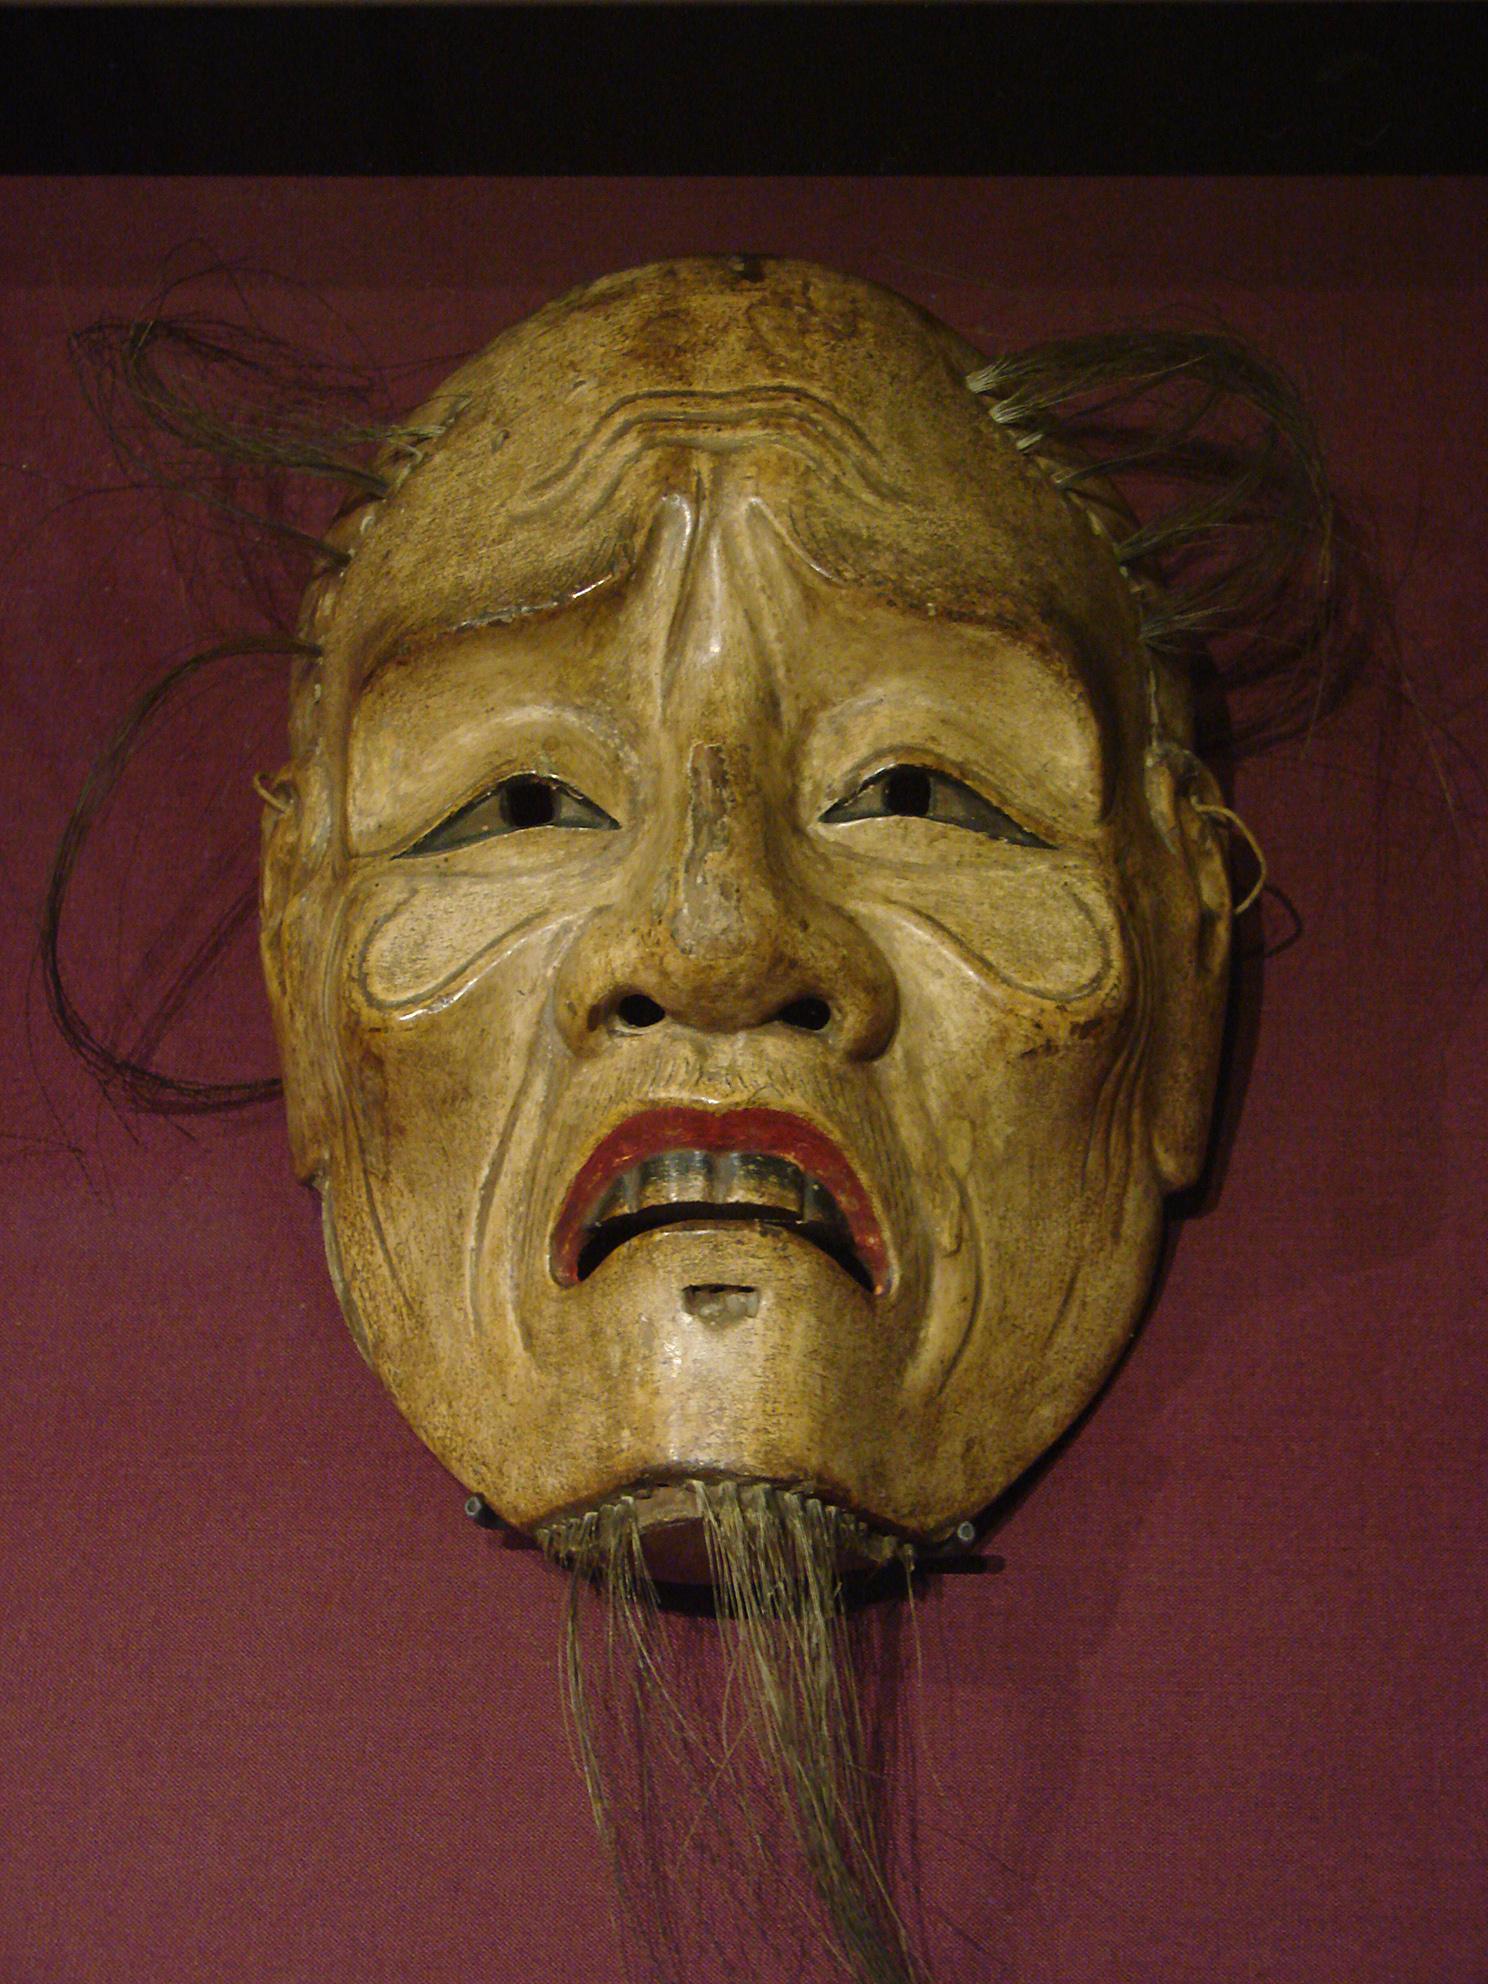 acheter populaire le meilleur design distinctif Fichier:Masque de No Guimet 271176.jpg — Wikipédia